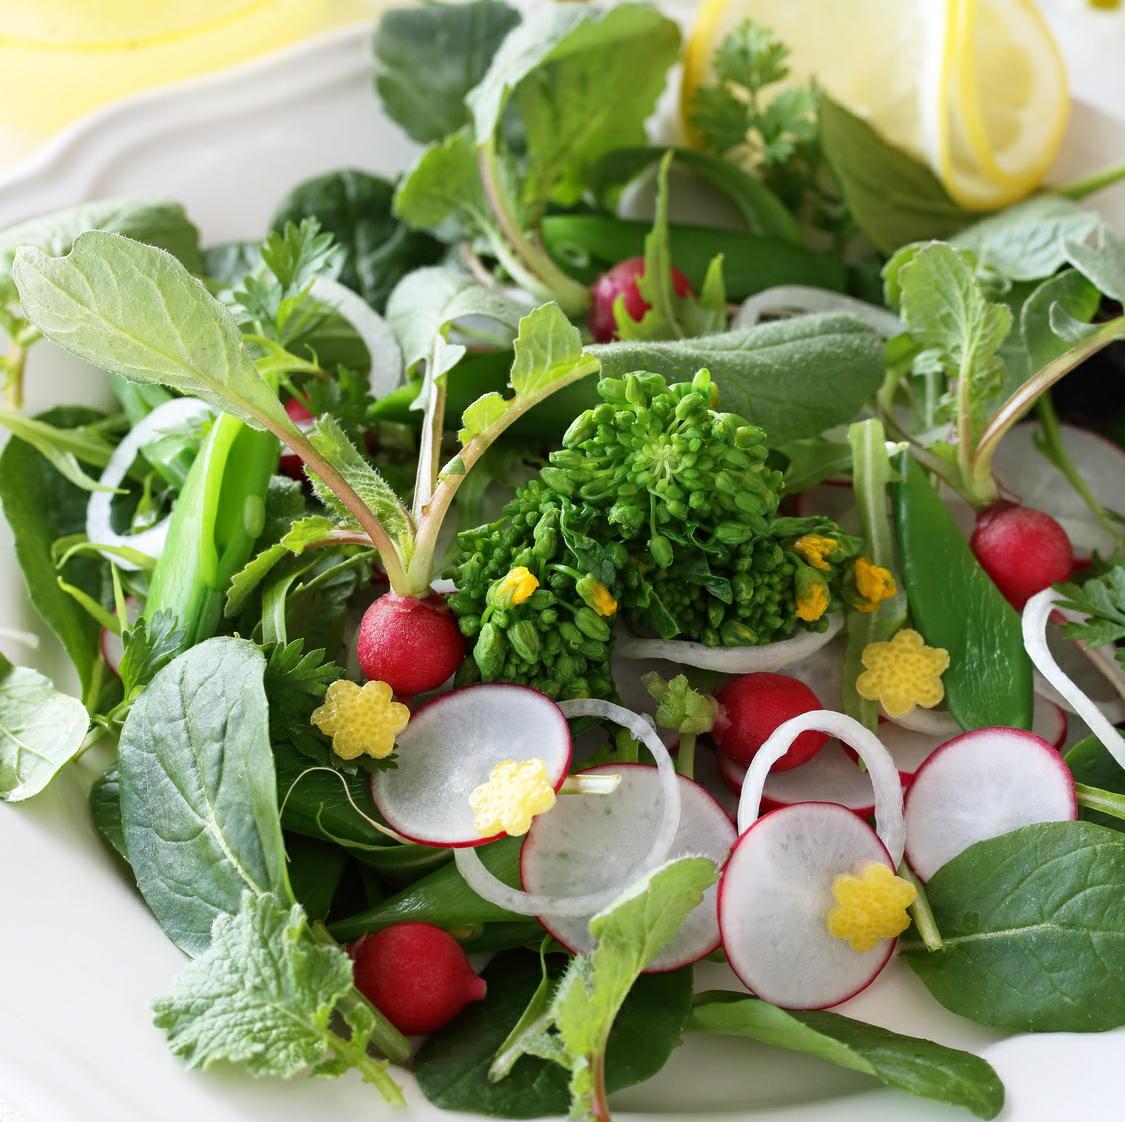 緑色の葉物野菜を毎日食べると認知能力の衰えを抑えられる